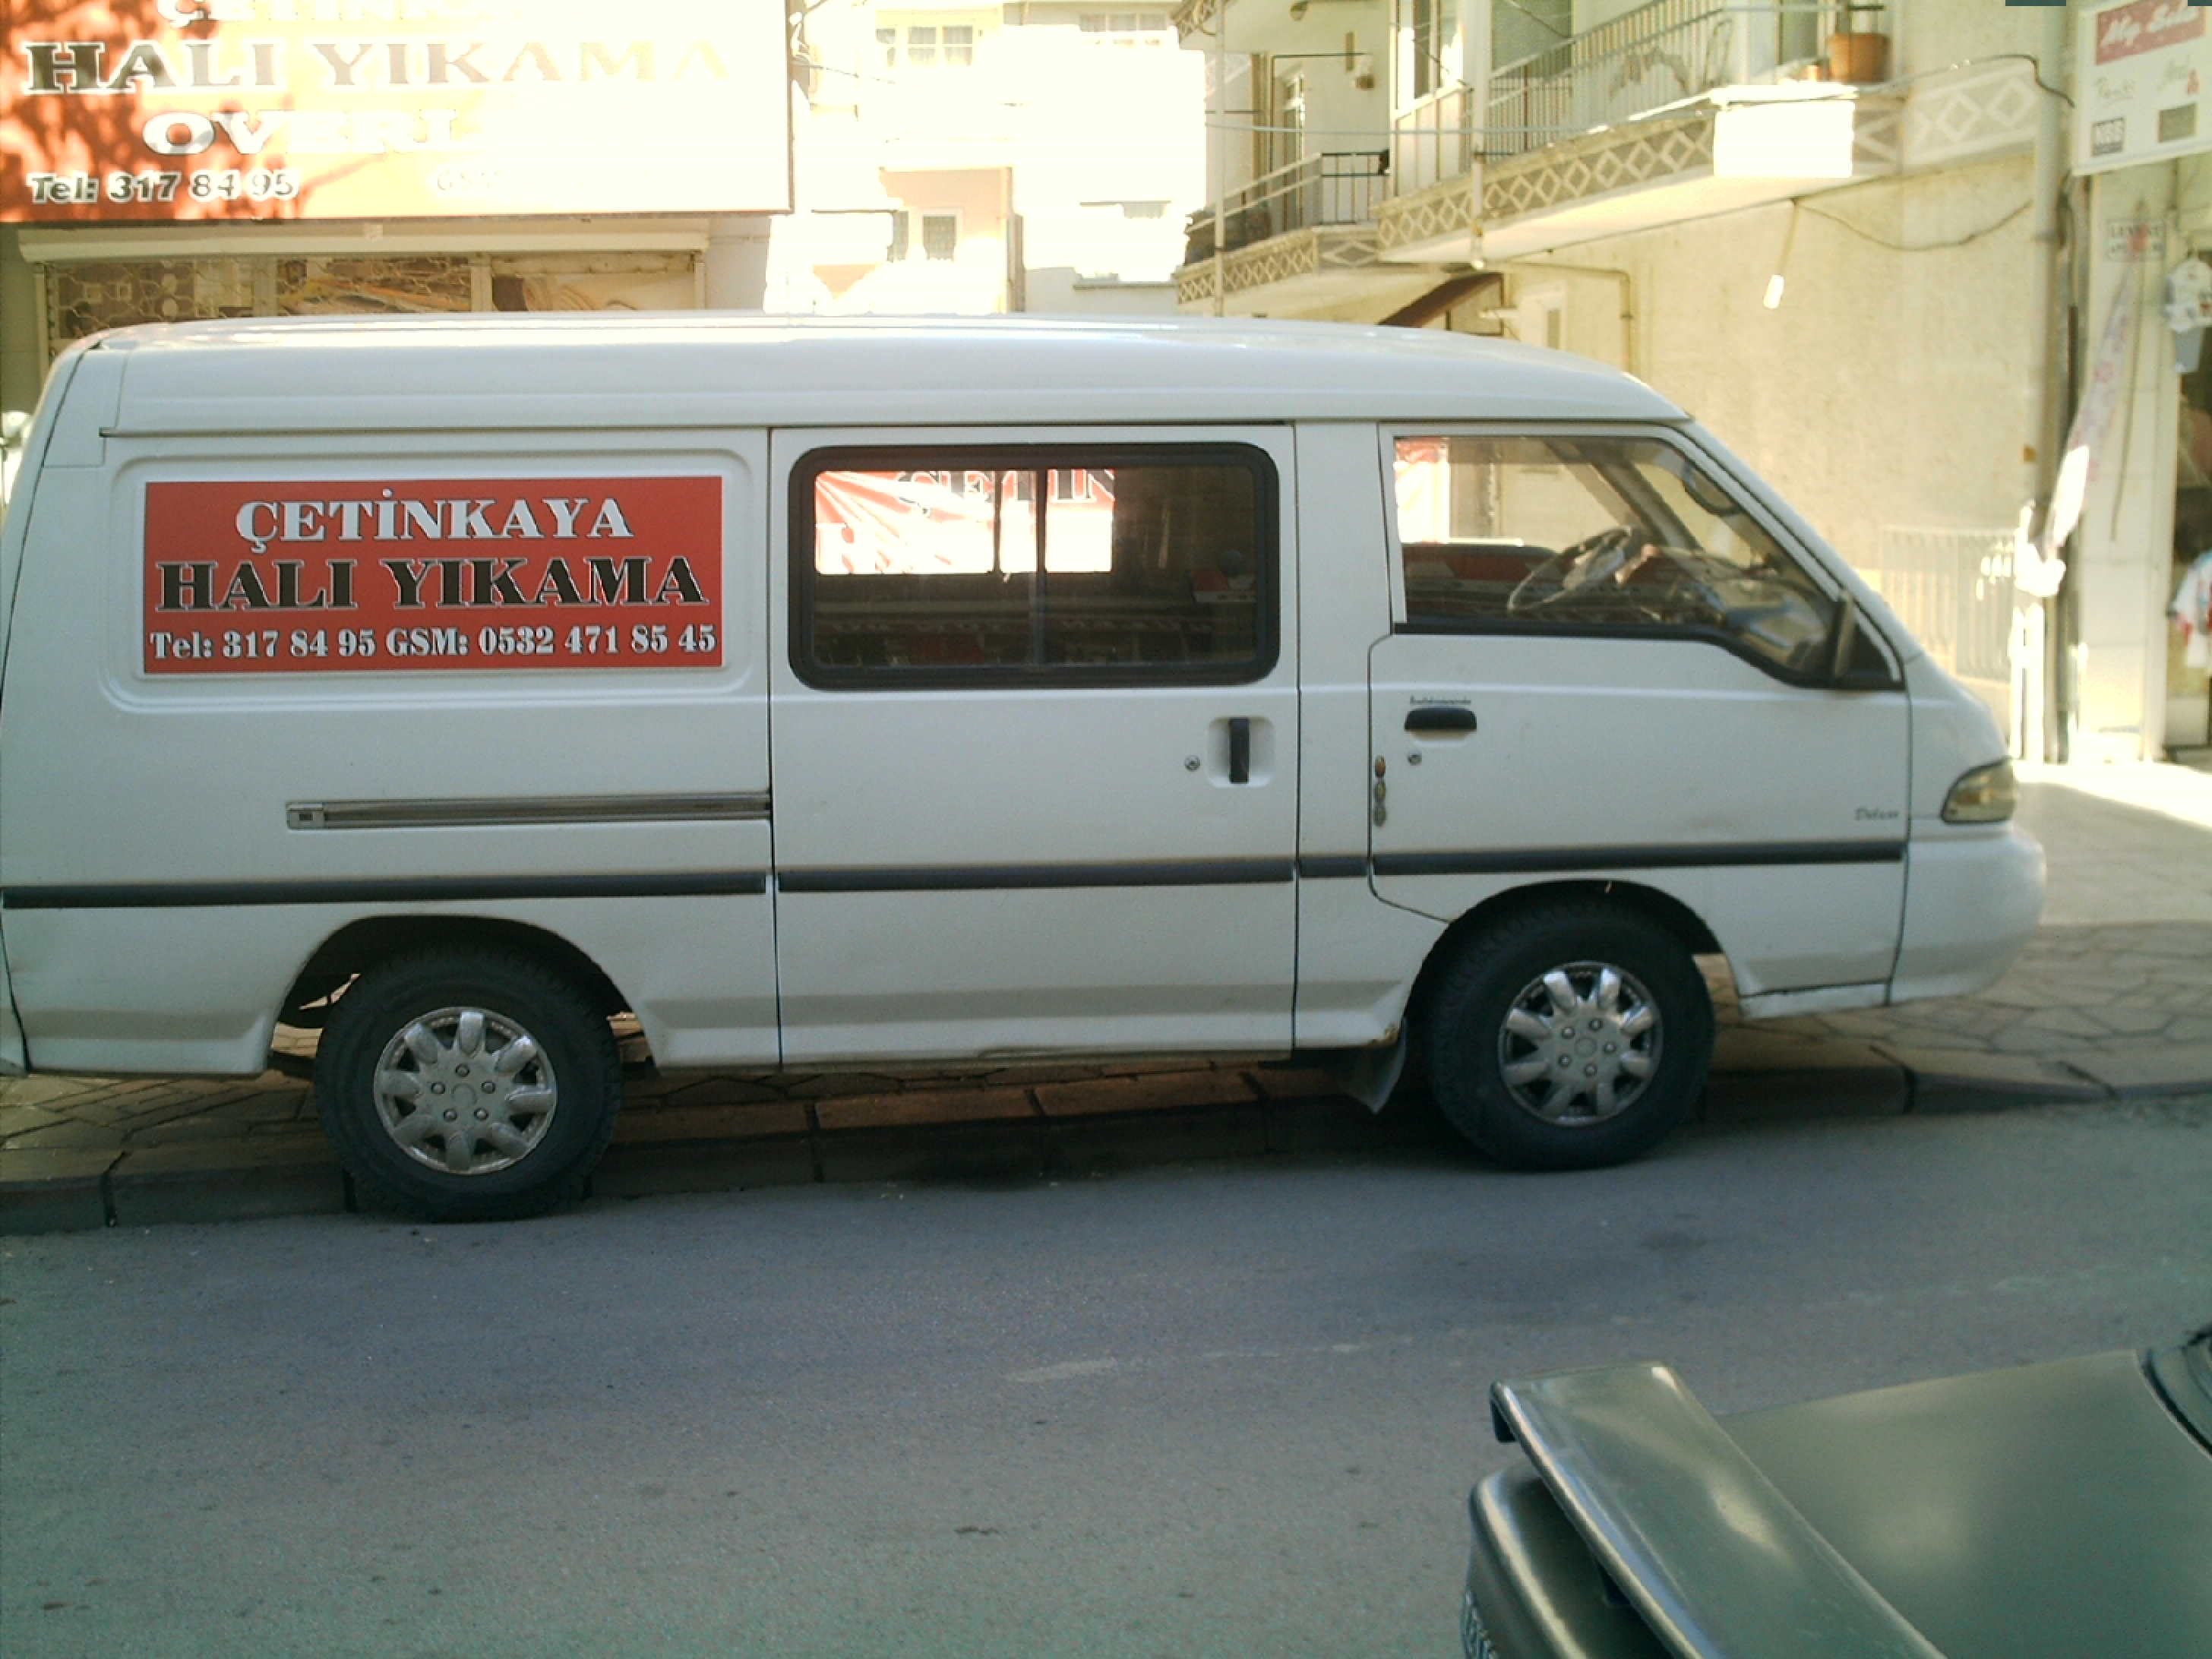 bağlıca_hali_yikama_servis_araci